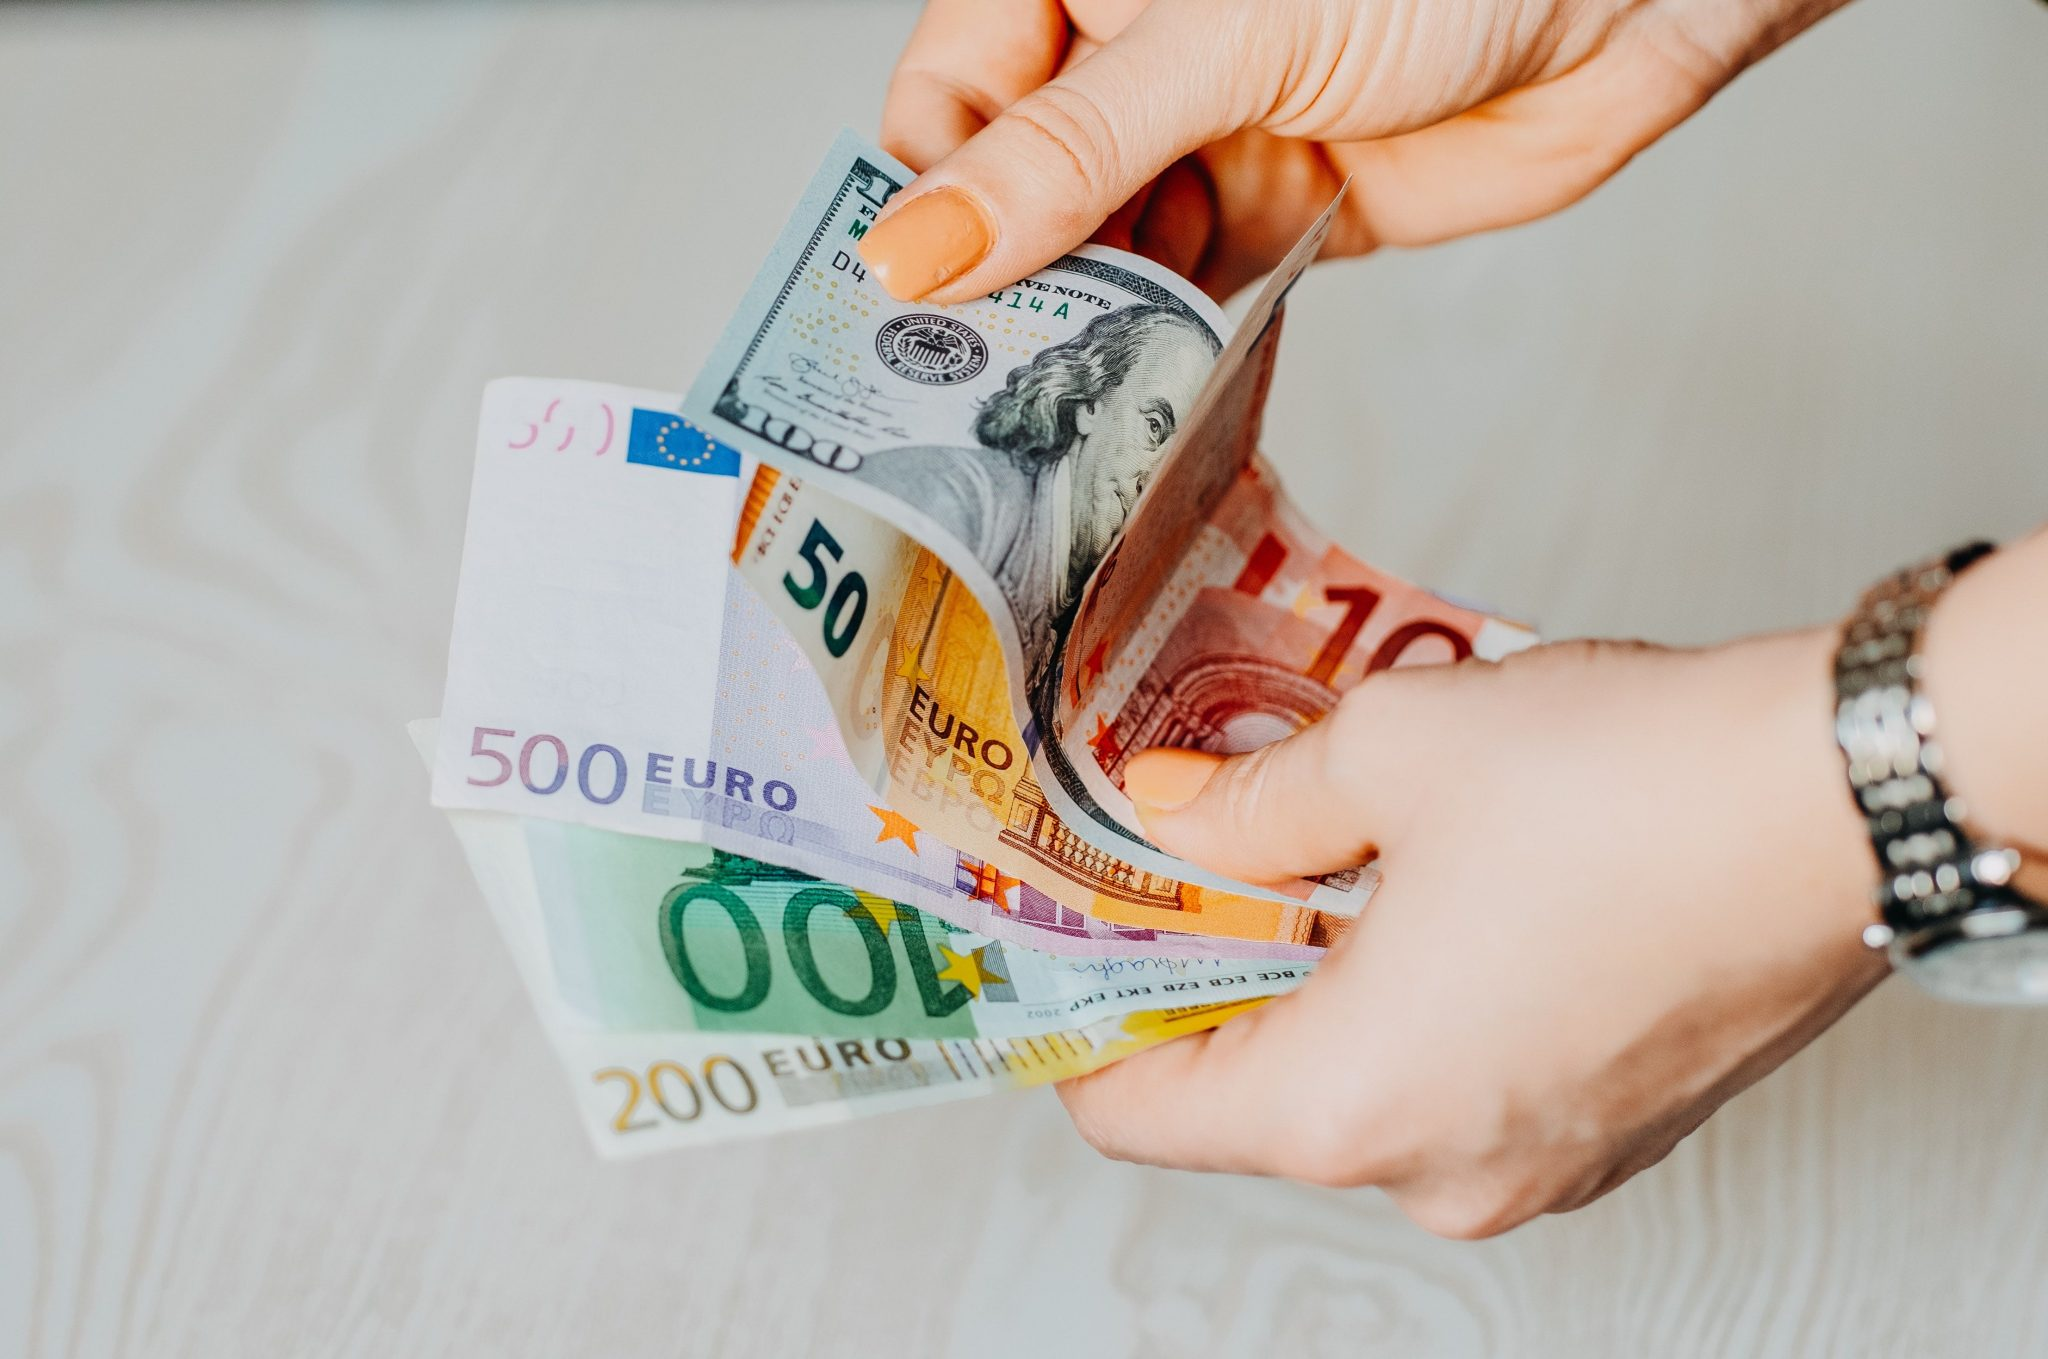 Banconote, che rappresentano il gender pay gap inverso: alcune donne, in Italia, guadagnano più degli uomini.